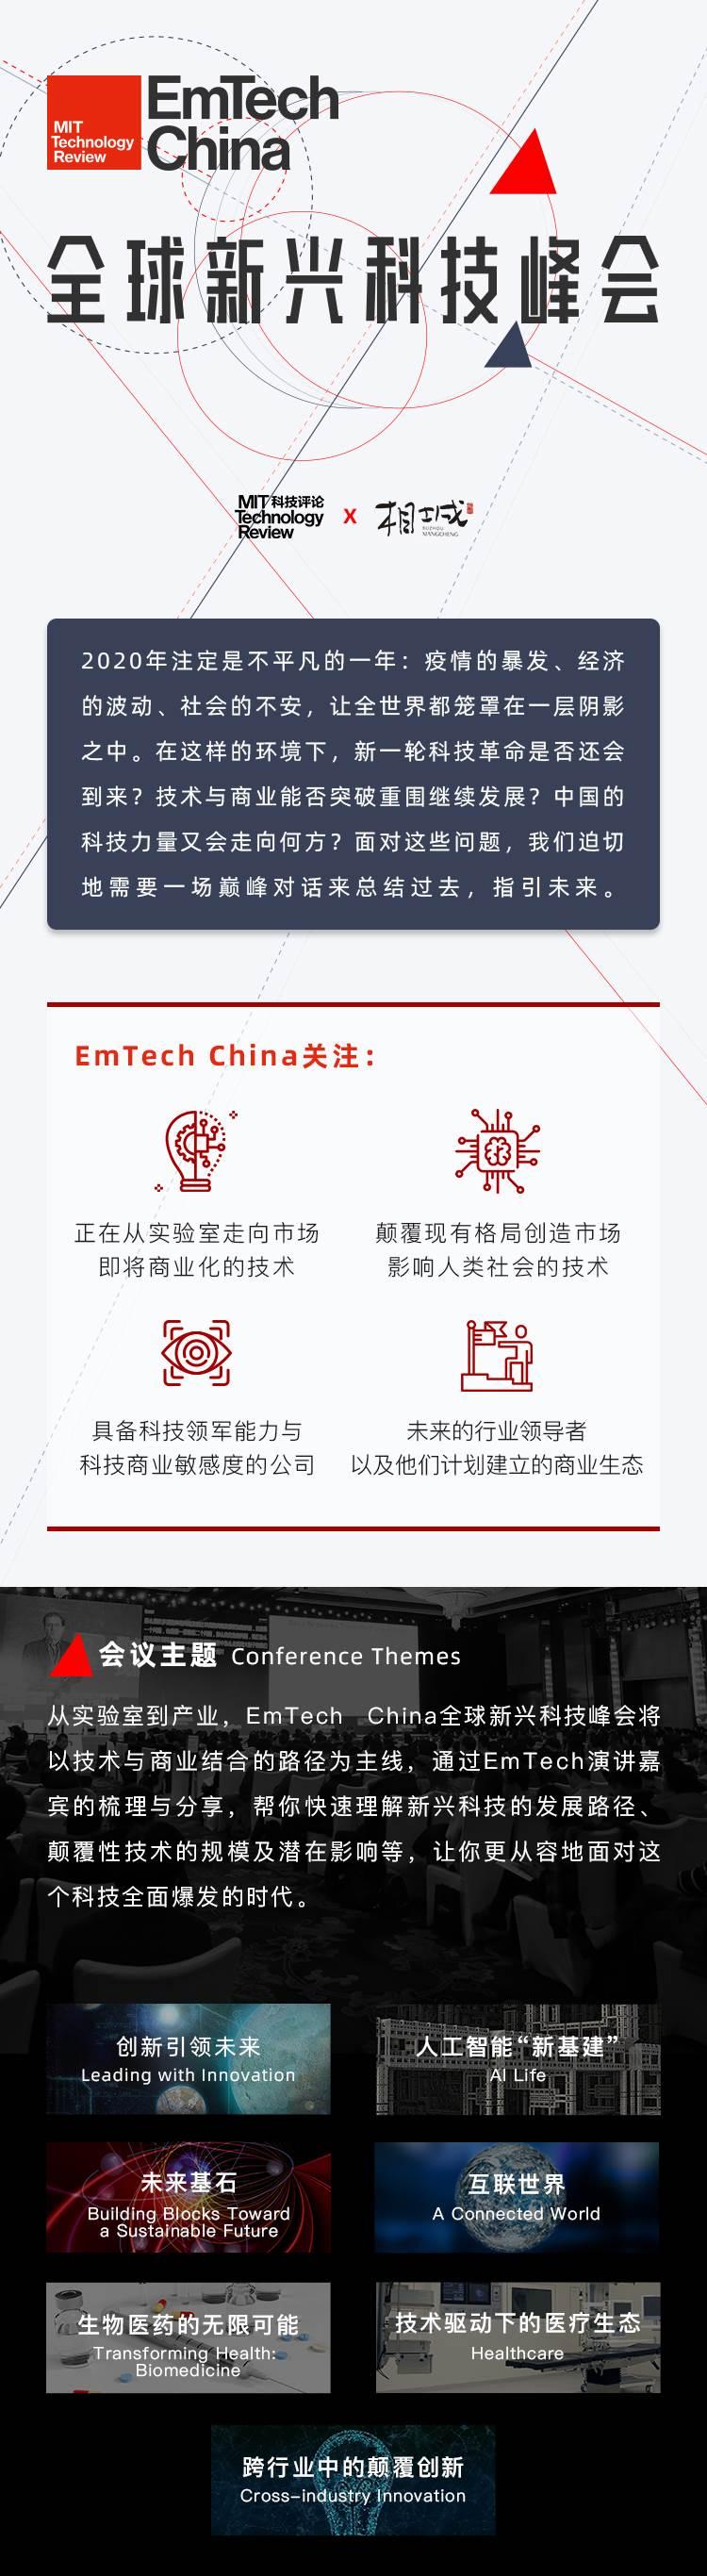 emtech活动行-CH_01.jpg